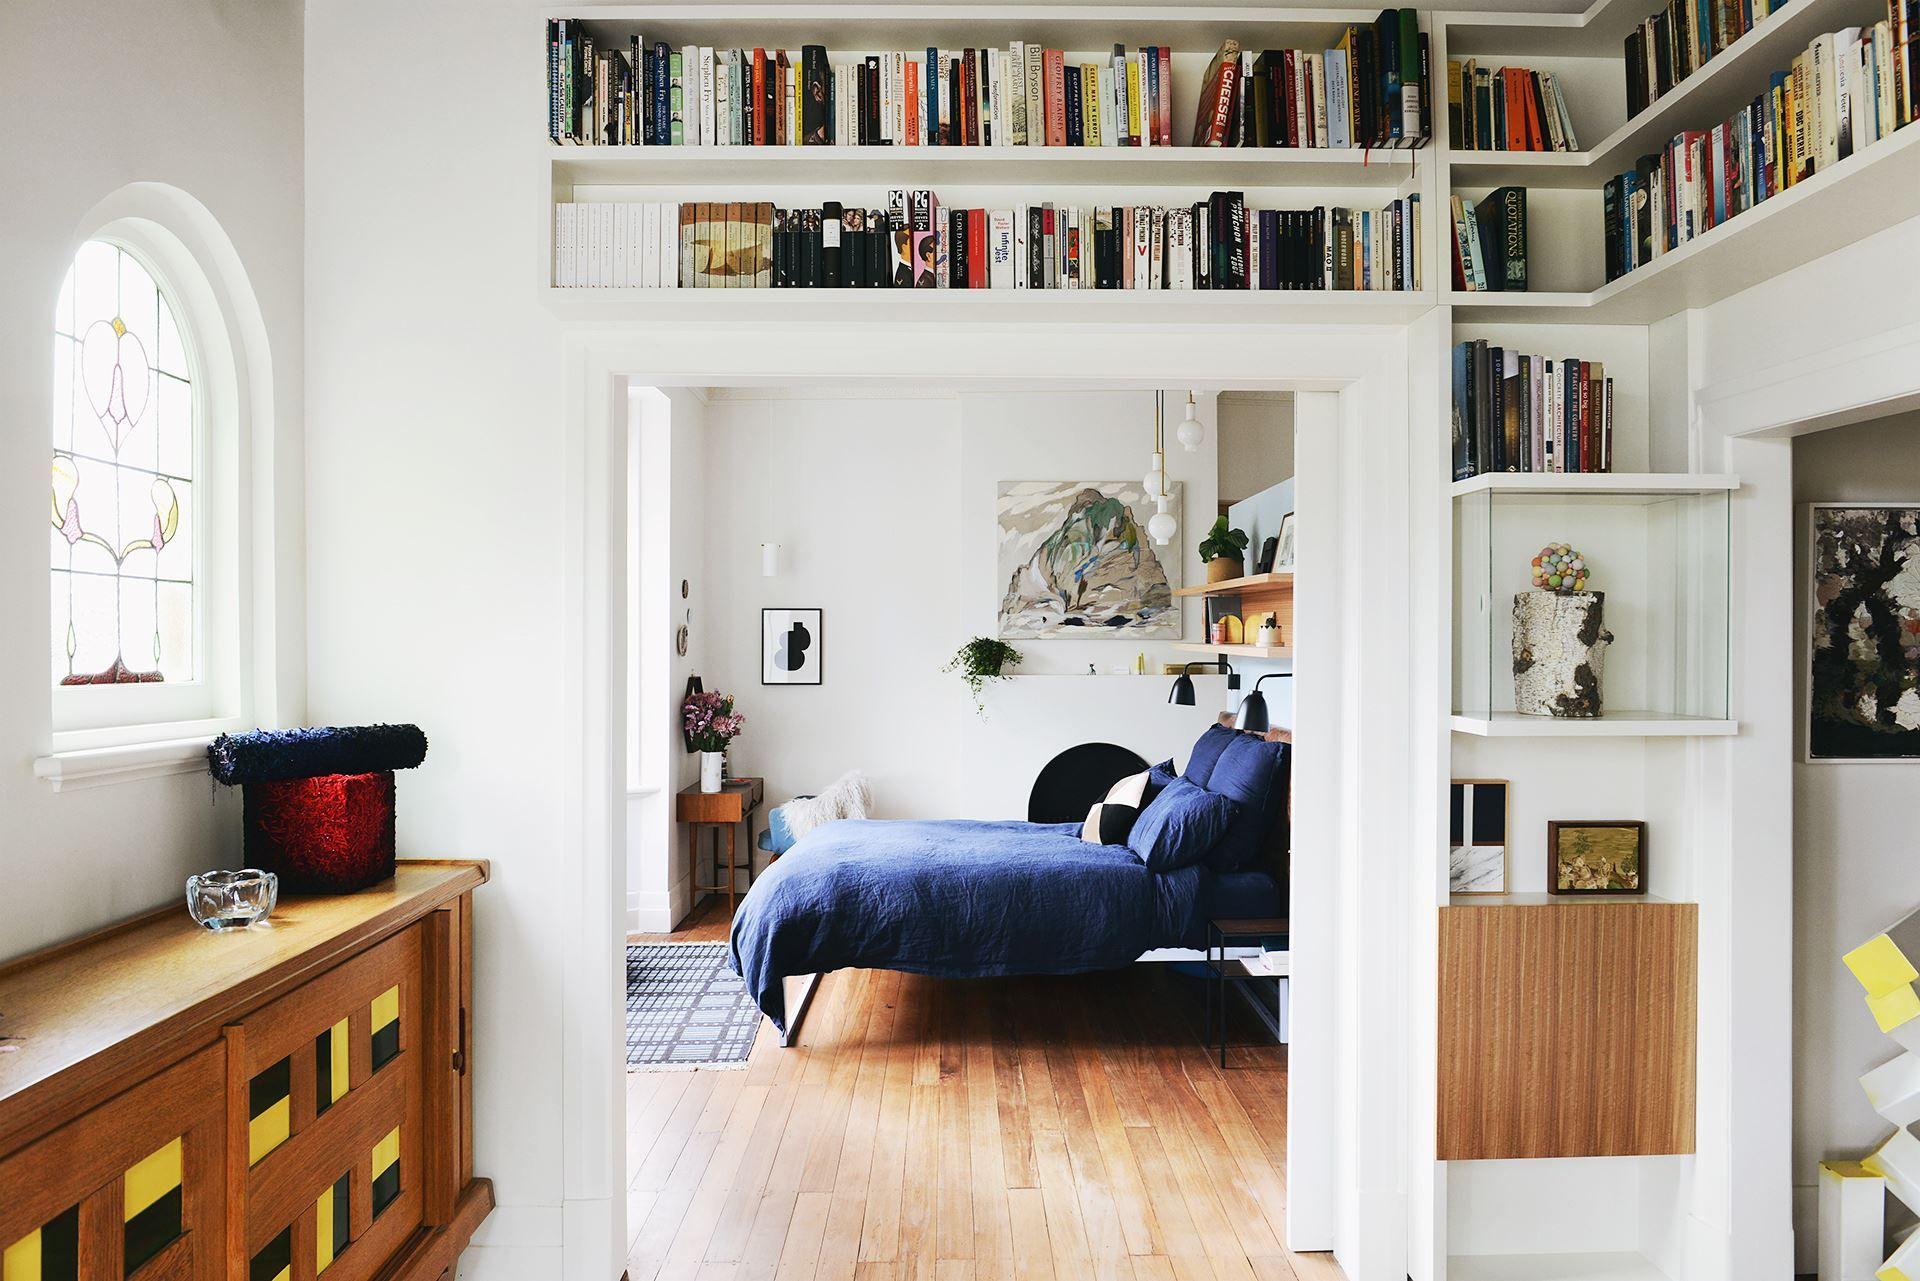 Edwardian House Renovation By Nest Architects | Bamford, Melbourne ...